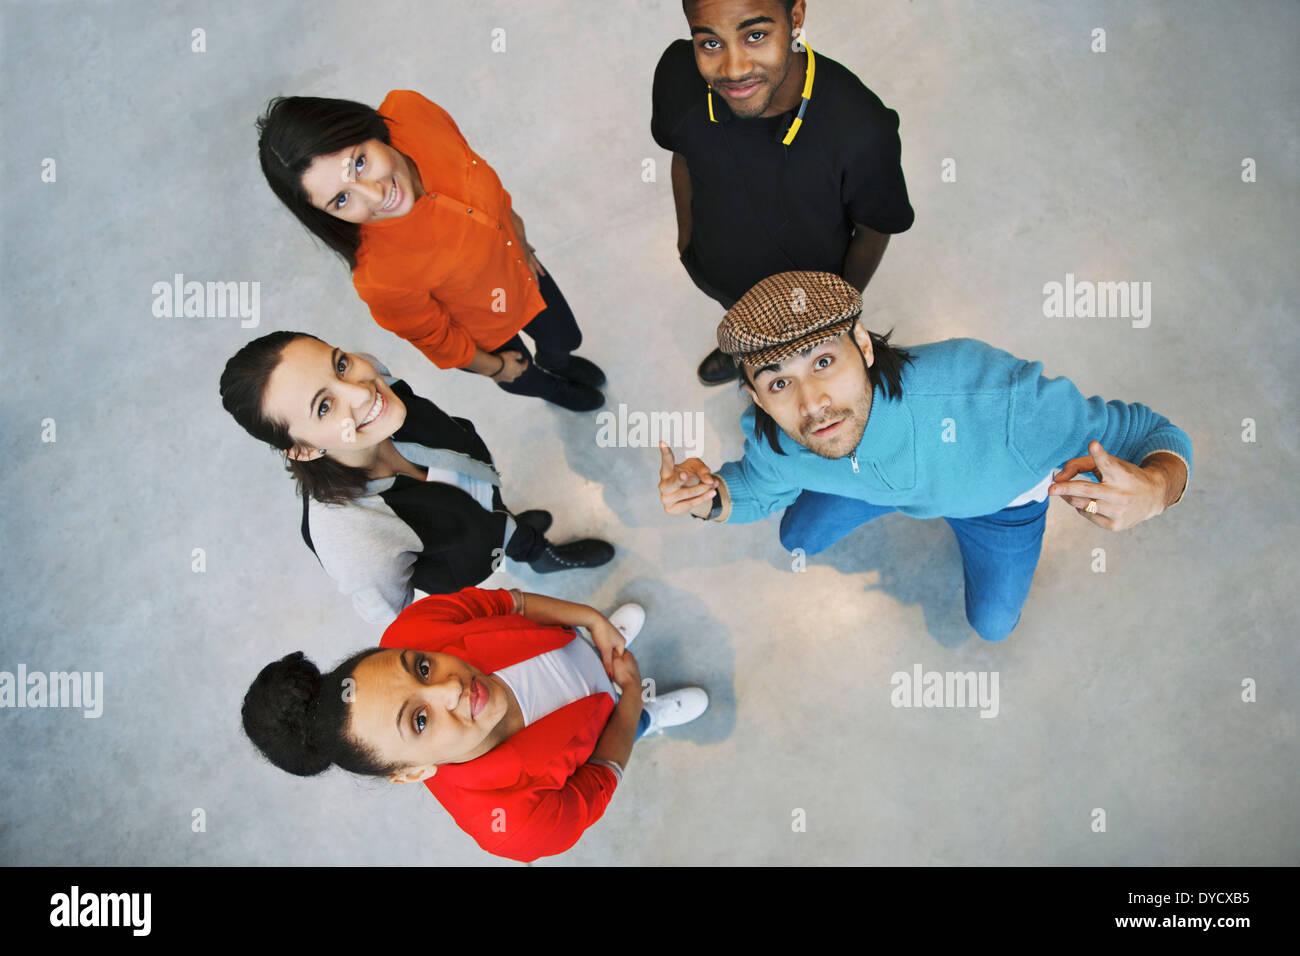 Vue de dessus de jeunes se tenant ensemble à la caméra jusqu'au jeune homme élégant avec des gestes. Équipe ou groupe. Photo Stock